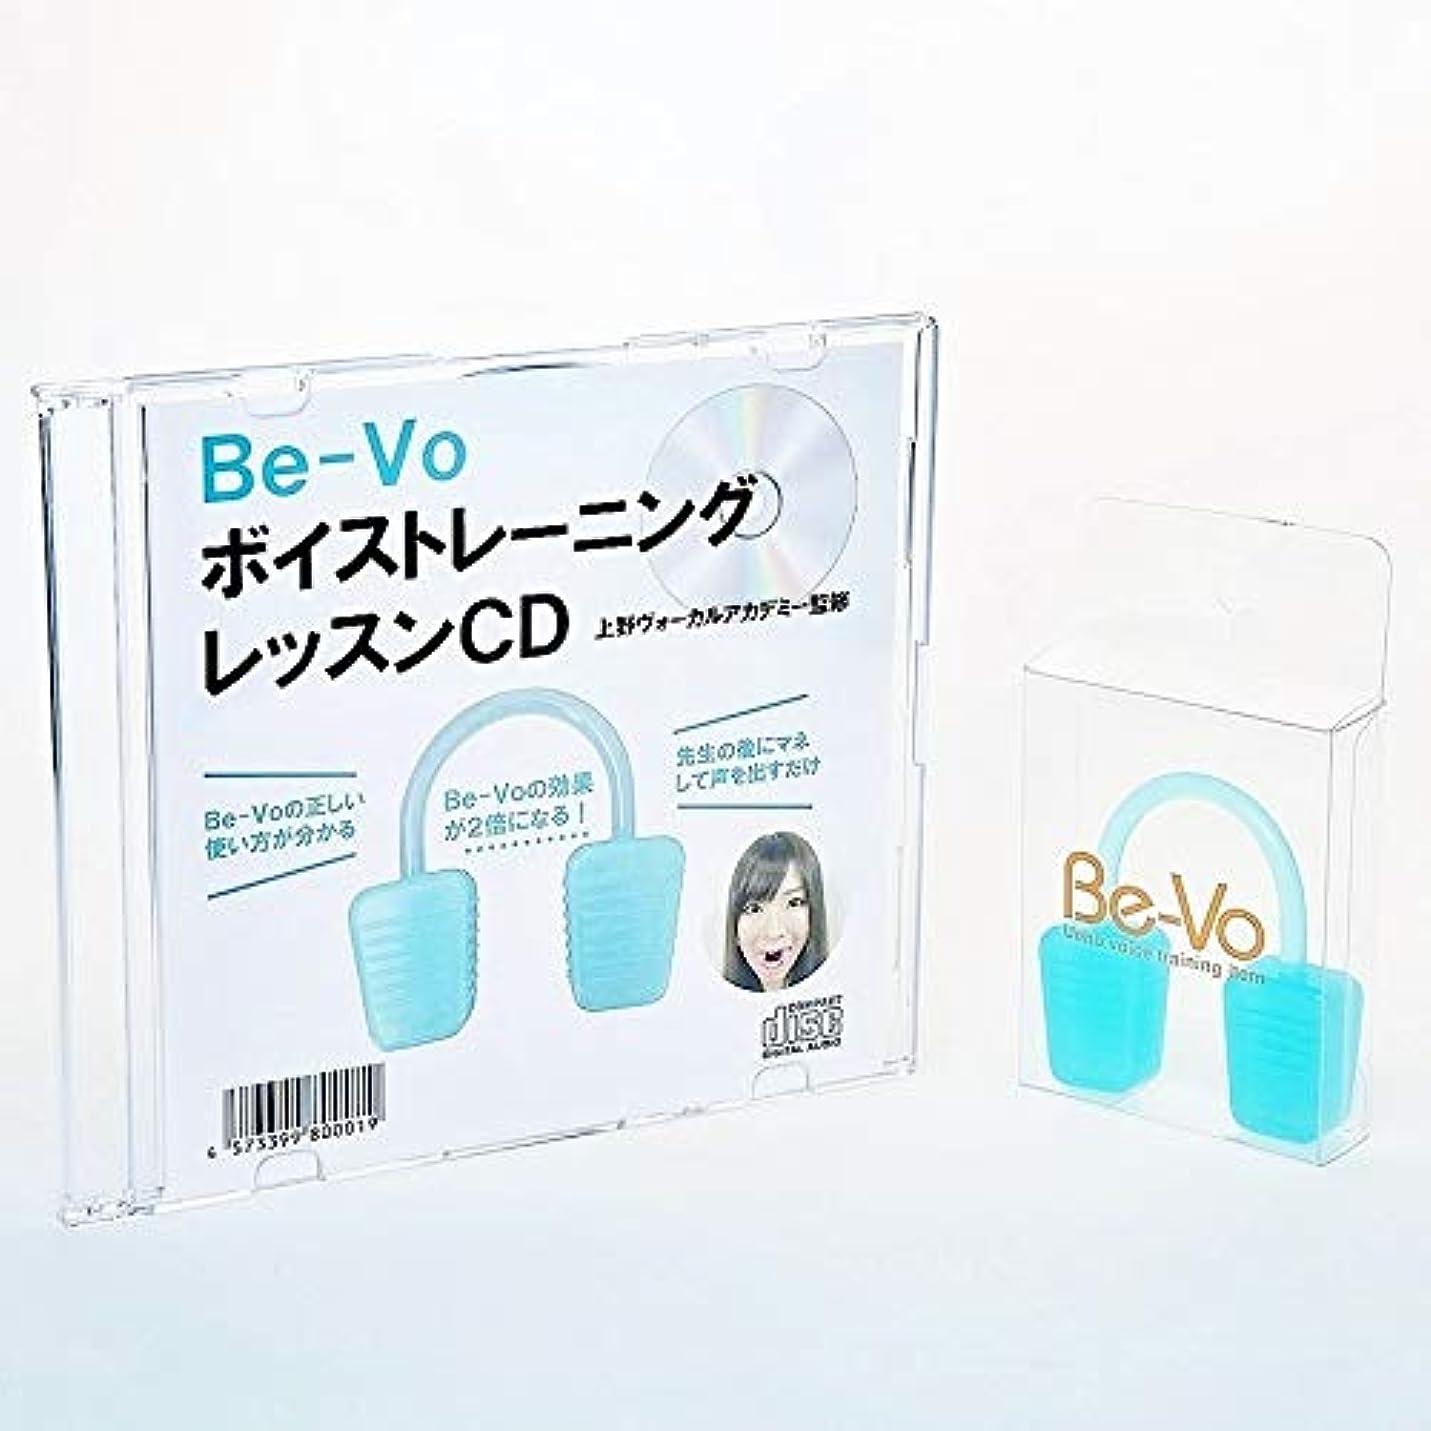 なぞらえる電卓棚Be-Vo CD セット ブルー ボイストレーニング器具Be-Vo(ビーボ)+Be-VoボイストレーニングレッスンCD2点セット